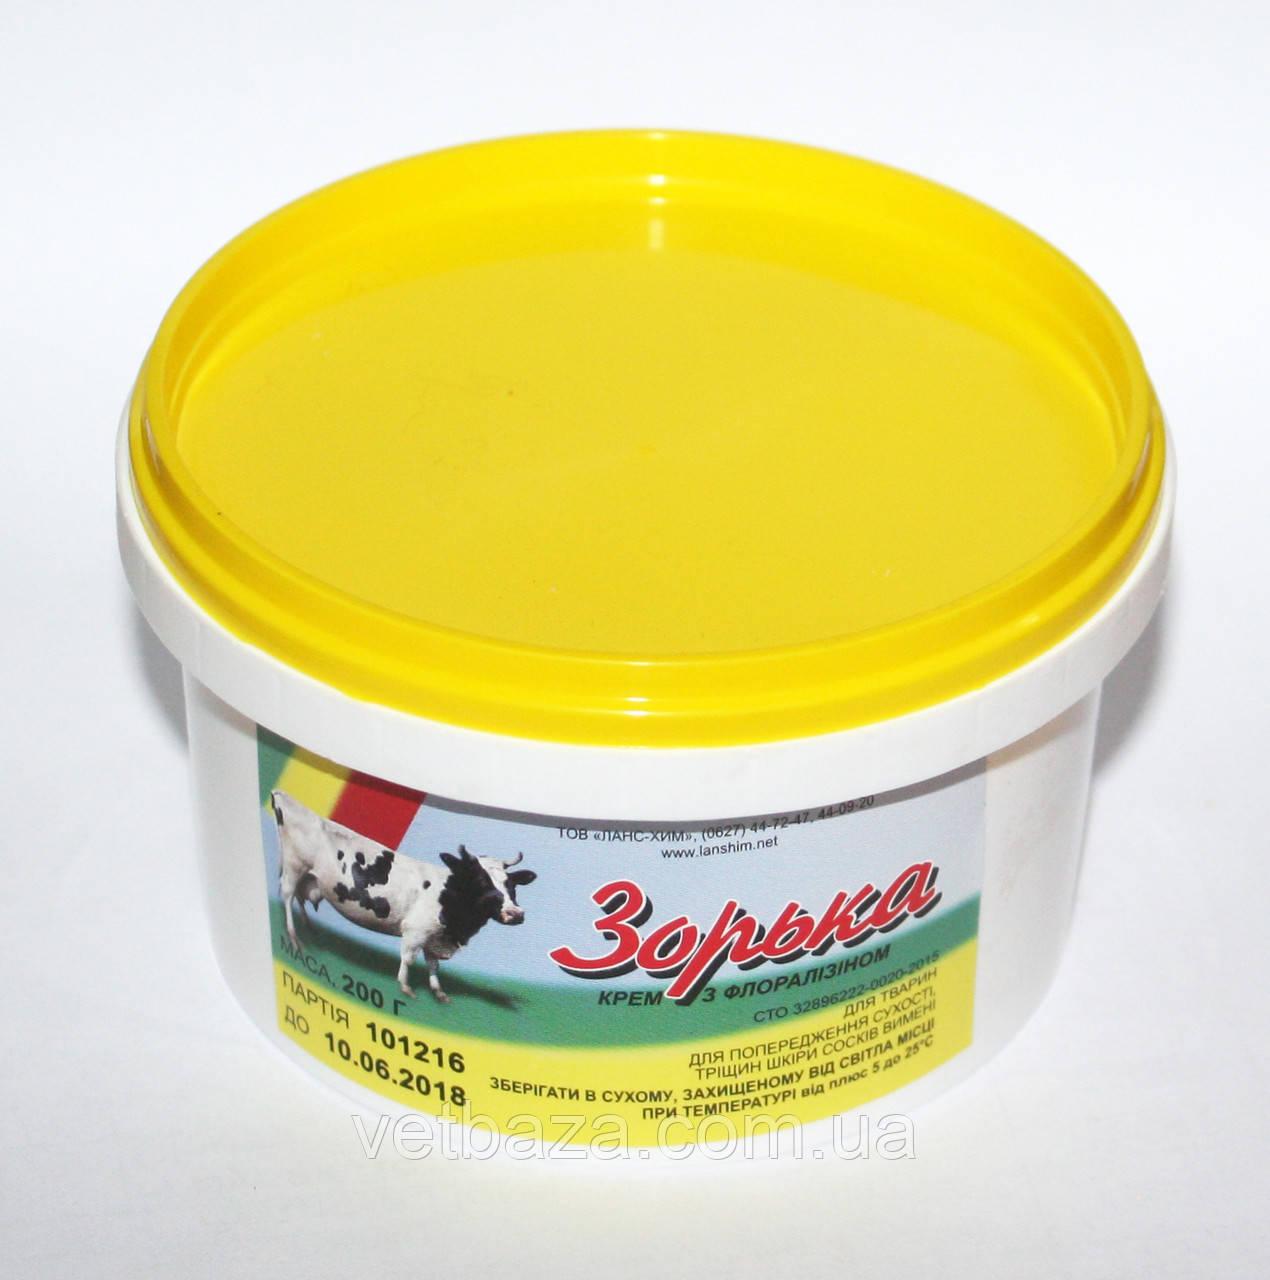 Крем Зорька  флоралзином,  200 гр